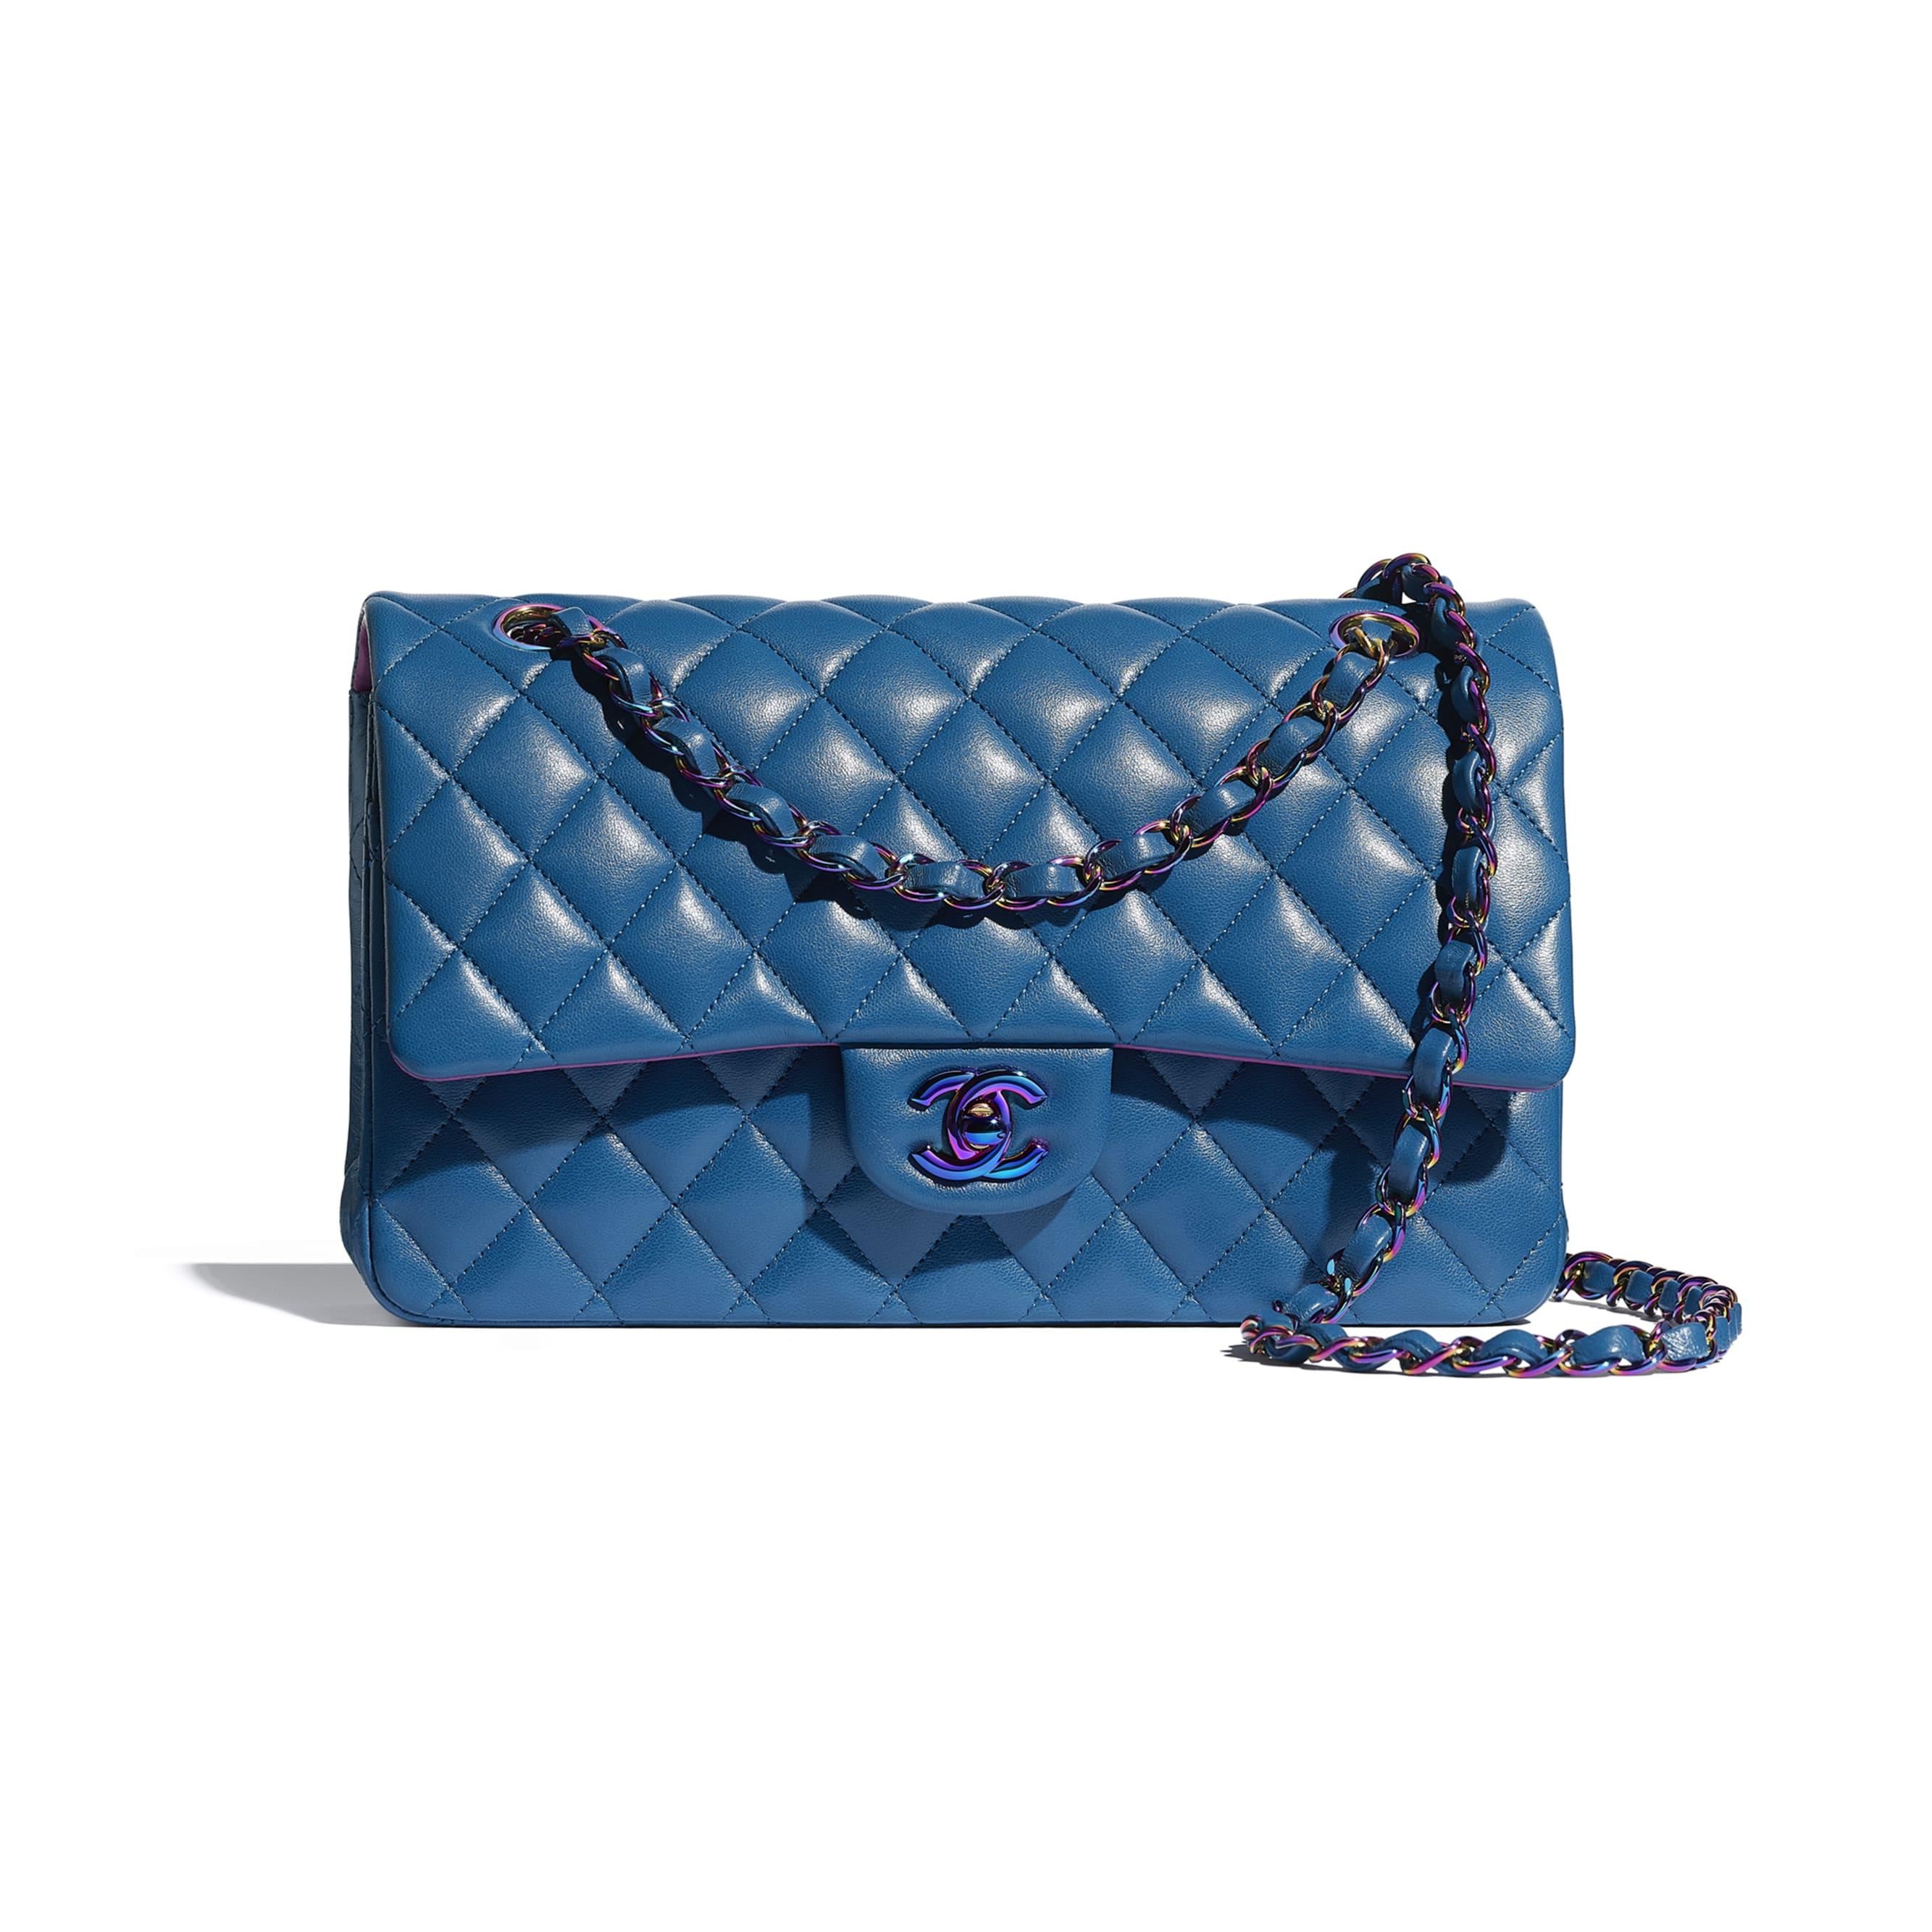 กระเป๋าสะพายคลาสสิก - สีฟ้า - หนังแกะและโลหะสีรุ้ง - CHANEL - มุมมองปัจจุบัน - ดูเวอร์ชันขนาดมาตรฐาน